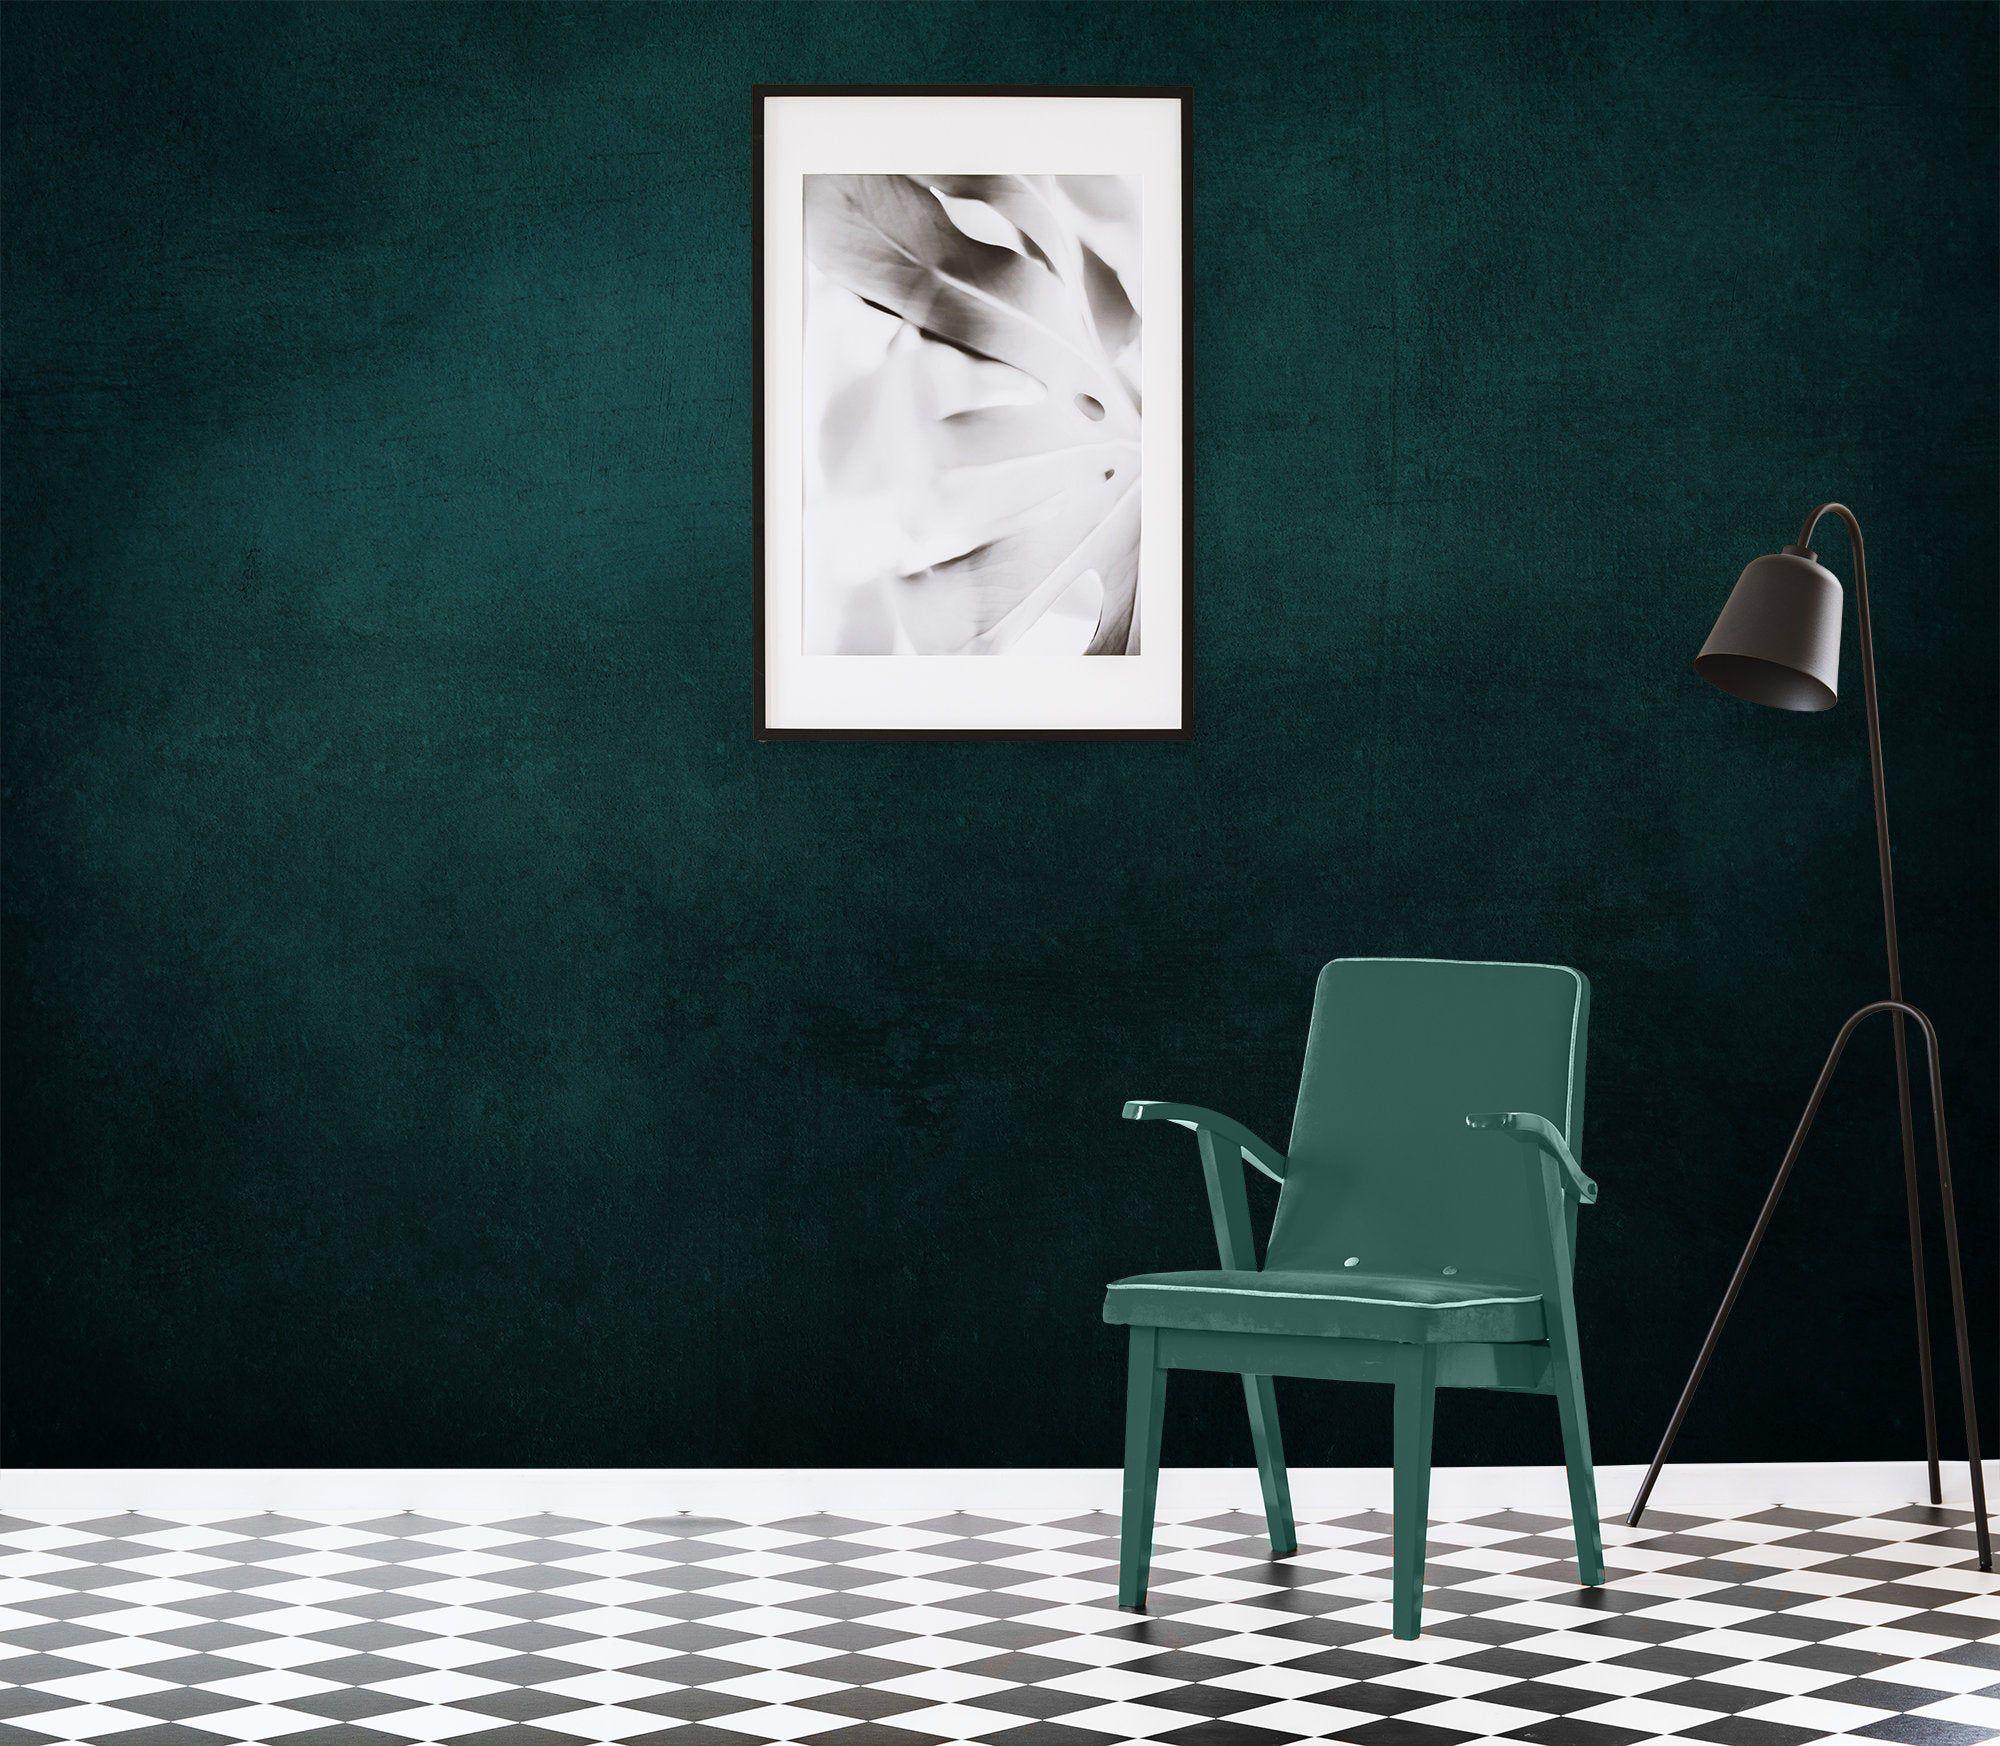 Dark Teal Texture Wallpaper Self Adhesive Peel And Stick Etsy Dark Teal Textured Wallpaper Textured Wallpaper Teal Wallpaper Bedroom